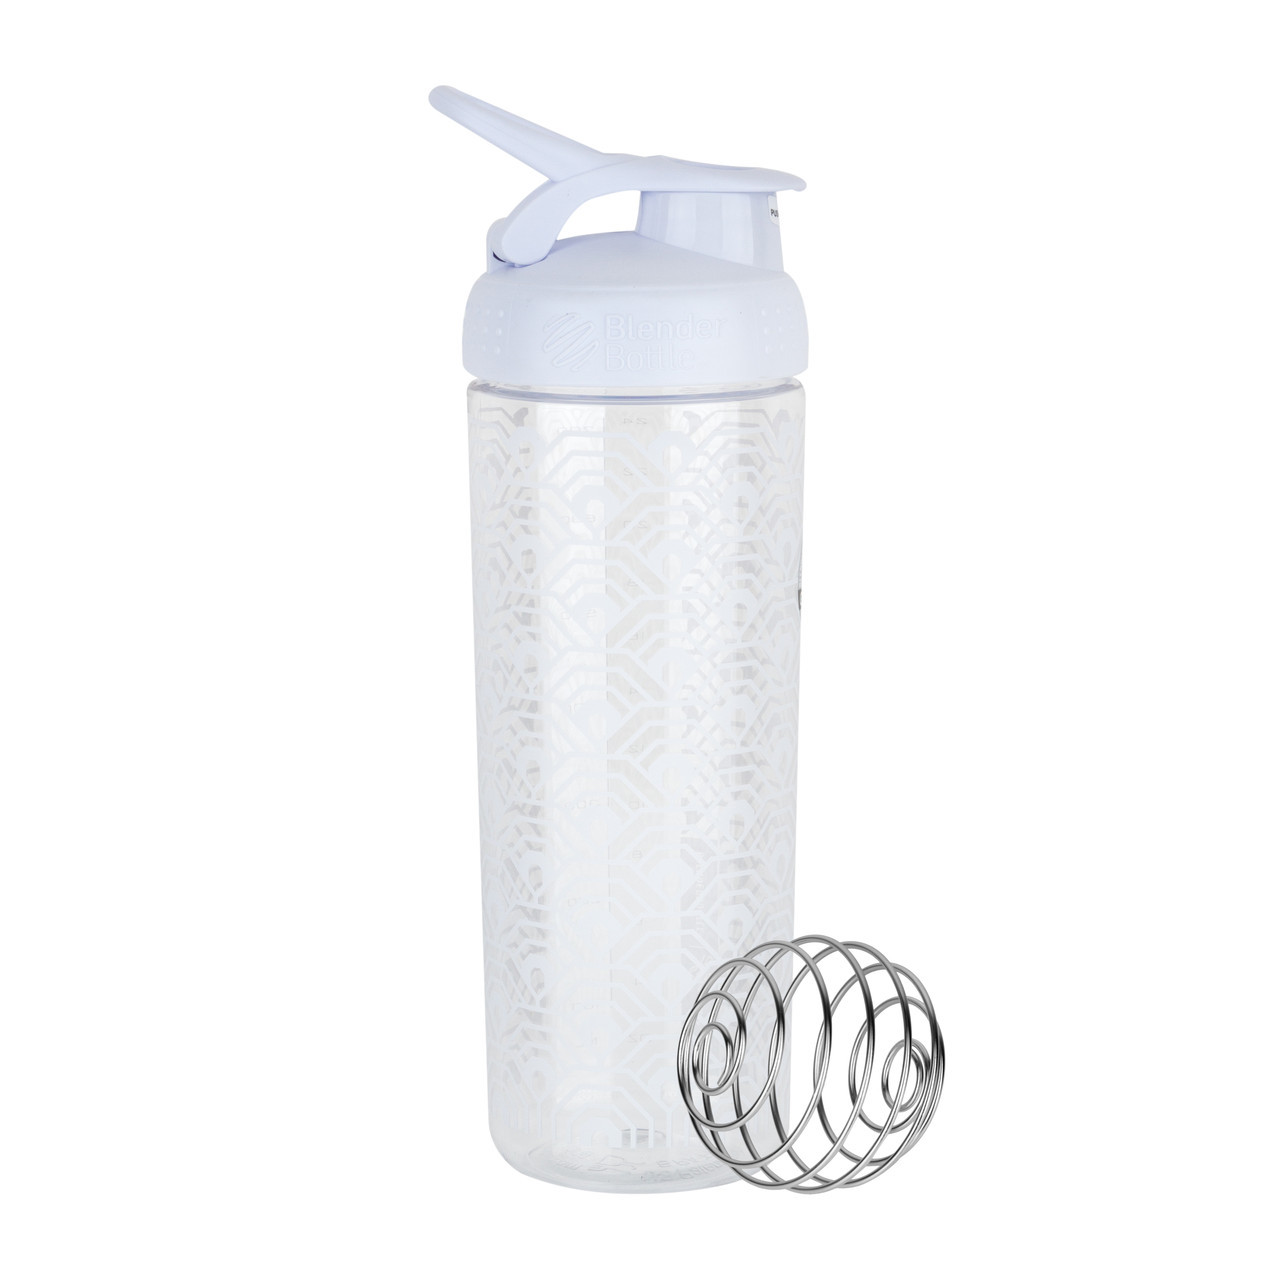 Спортивная бутылка-шейкер BlenderBottle SportMixer Signature Sleek WHITE CLAMSHELL 820мл (ORIGINAL)